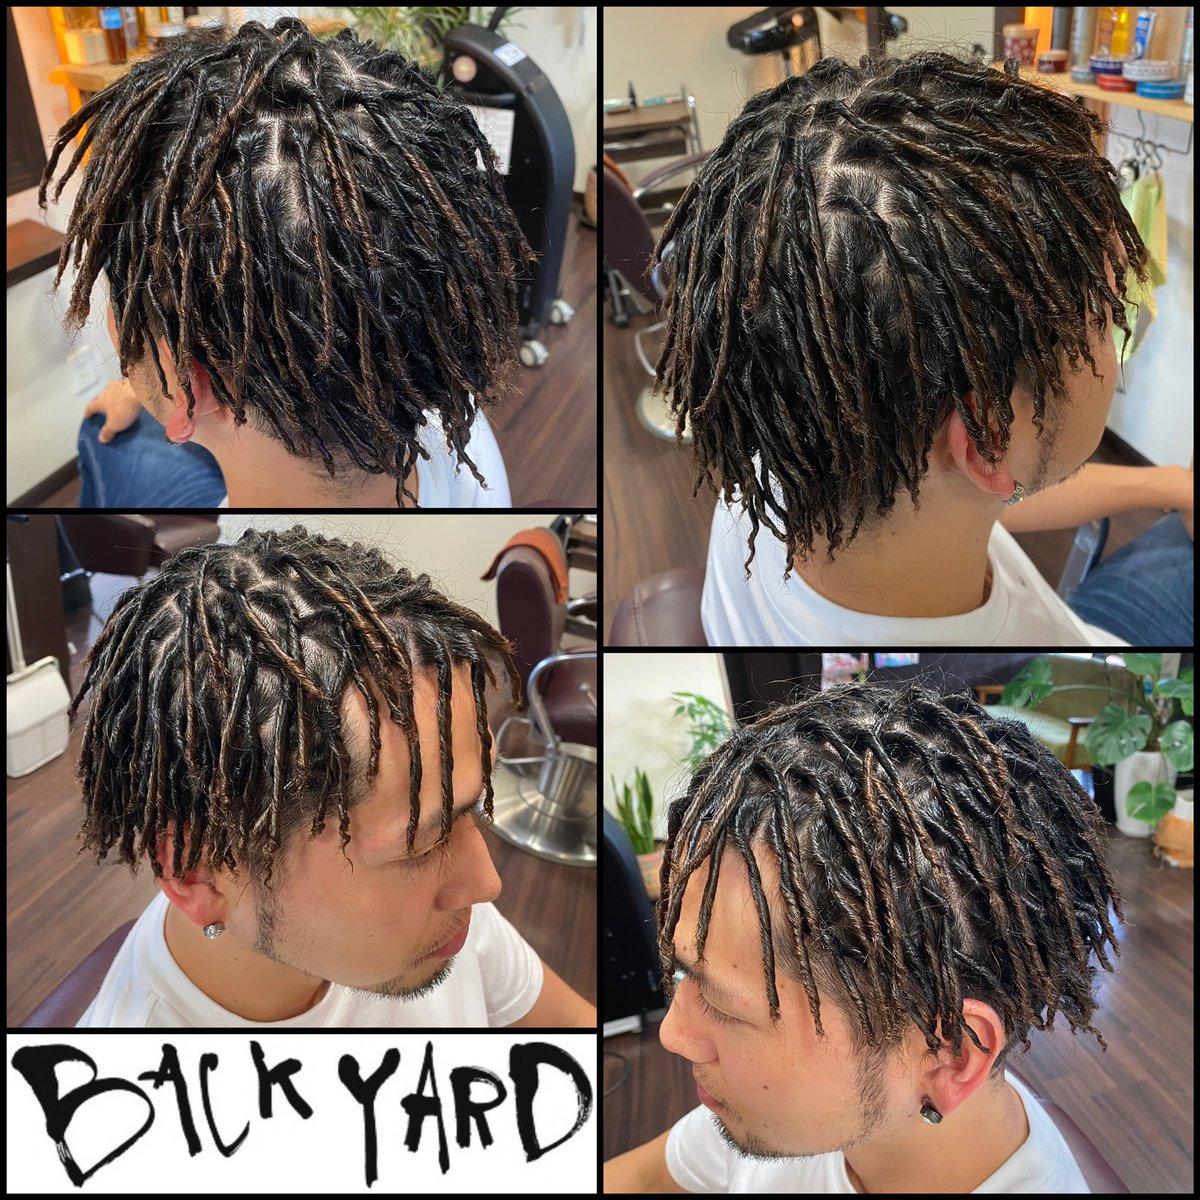 ツイスト。 #hair #hairstyle #twist #twistdreads #hiphopfashion #streetfashion #barber #barberstyle #ヘア #ヘアスタイル #ツイストパーマ #ツイストドレッド #特殊ヘア #特殊パーマ #群馬 #太田市 #ヘアサロン #バーバー #backyard #理容師 #美容師